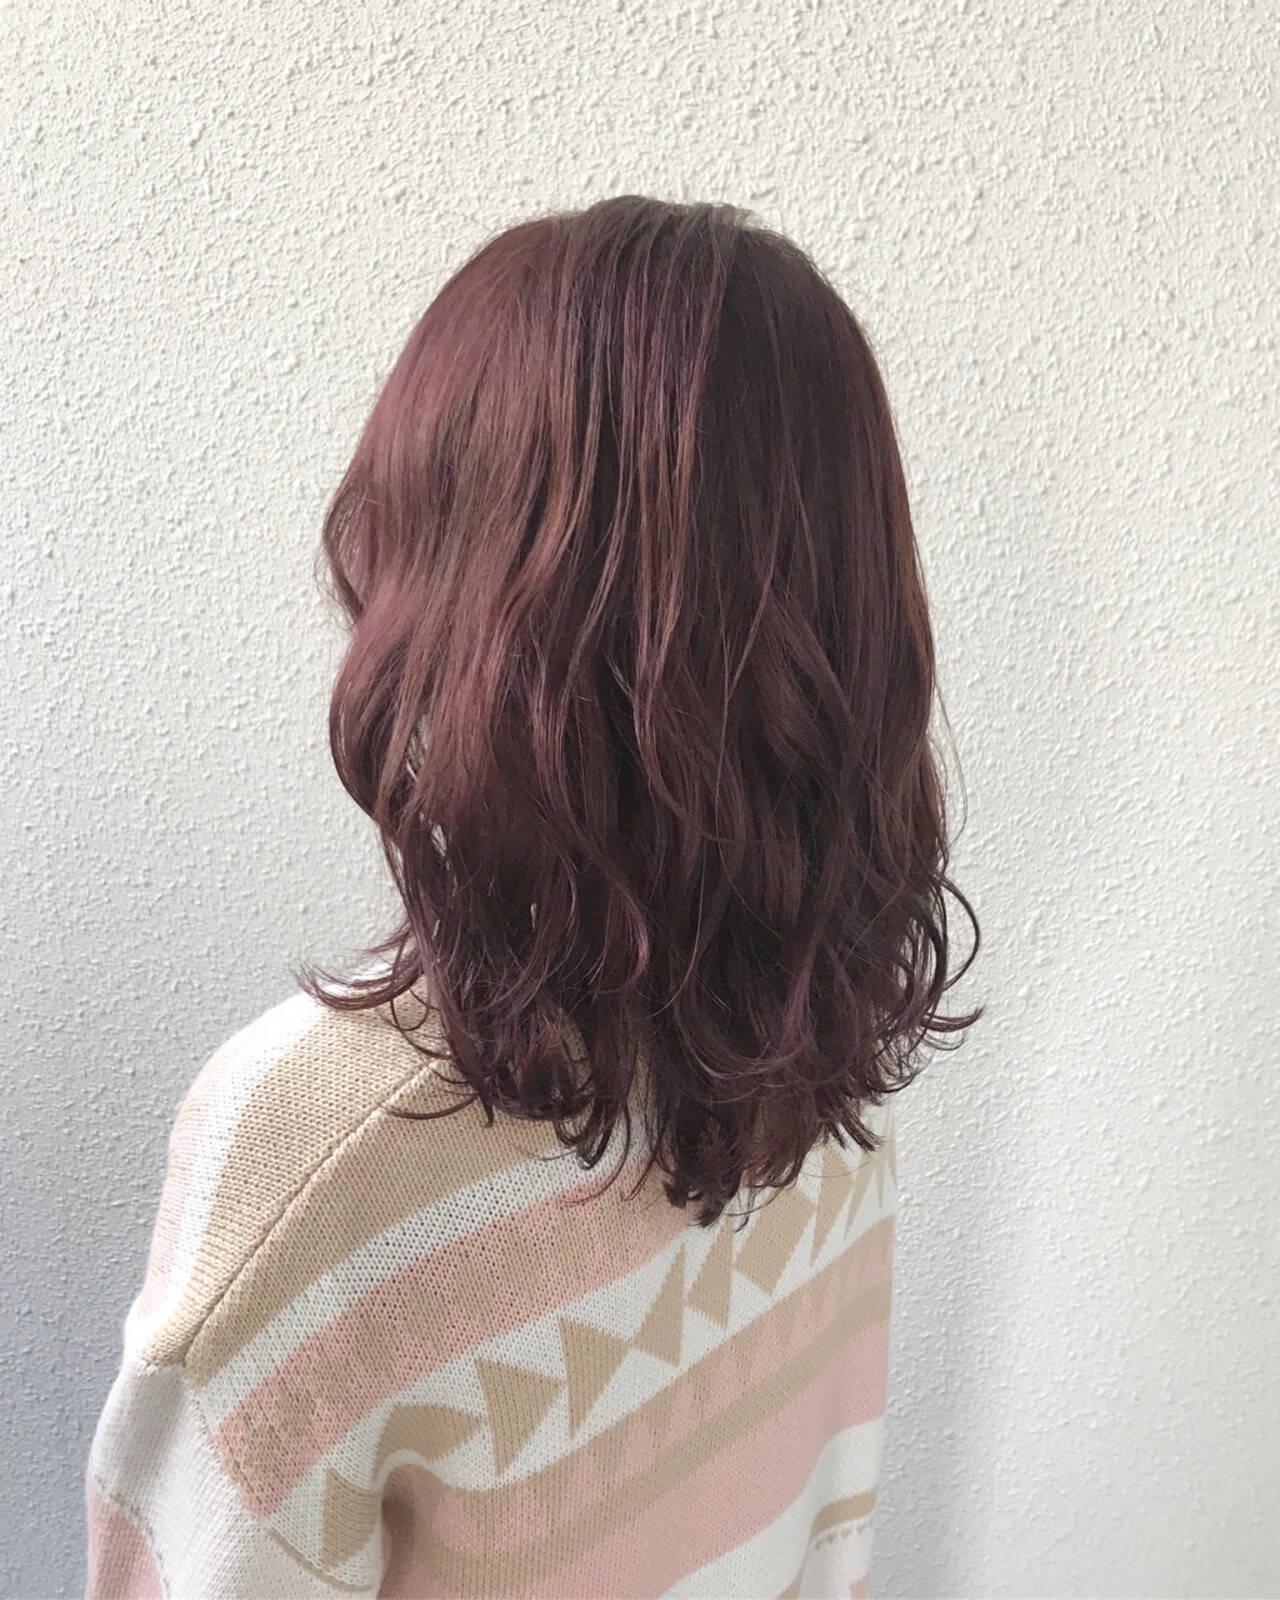 ミディアム ハイトーン 外国人風 フェミニンヘアスタイルや髪型の写真・画像